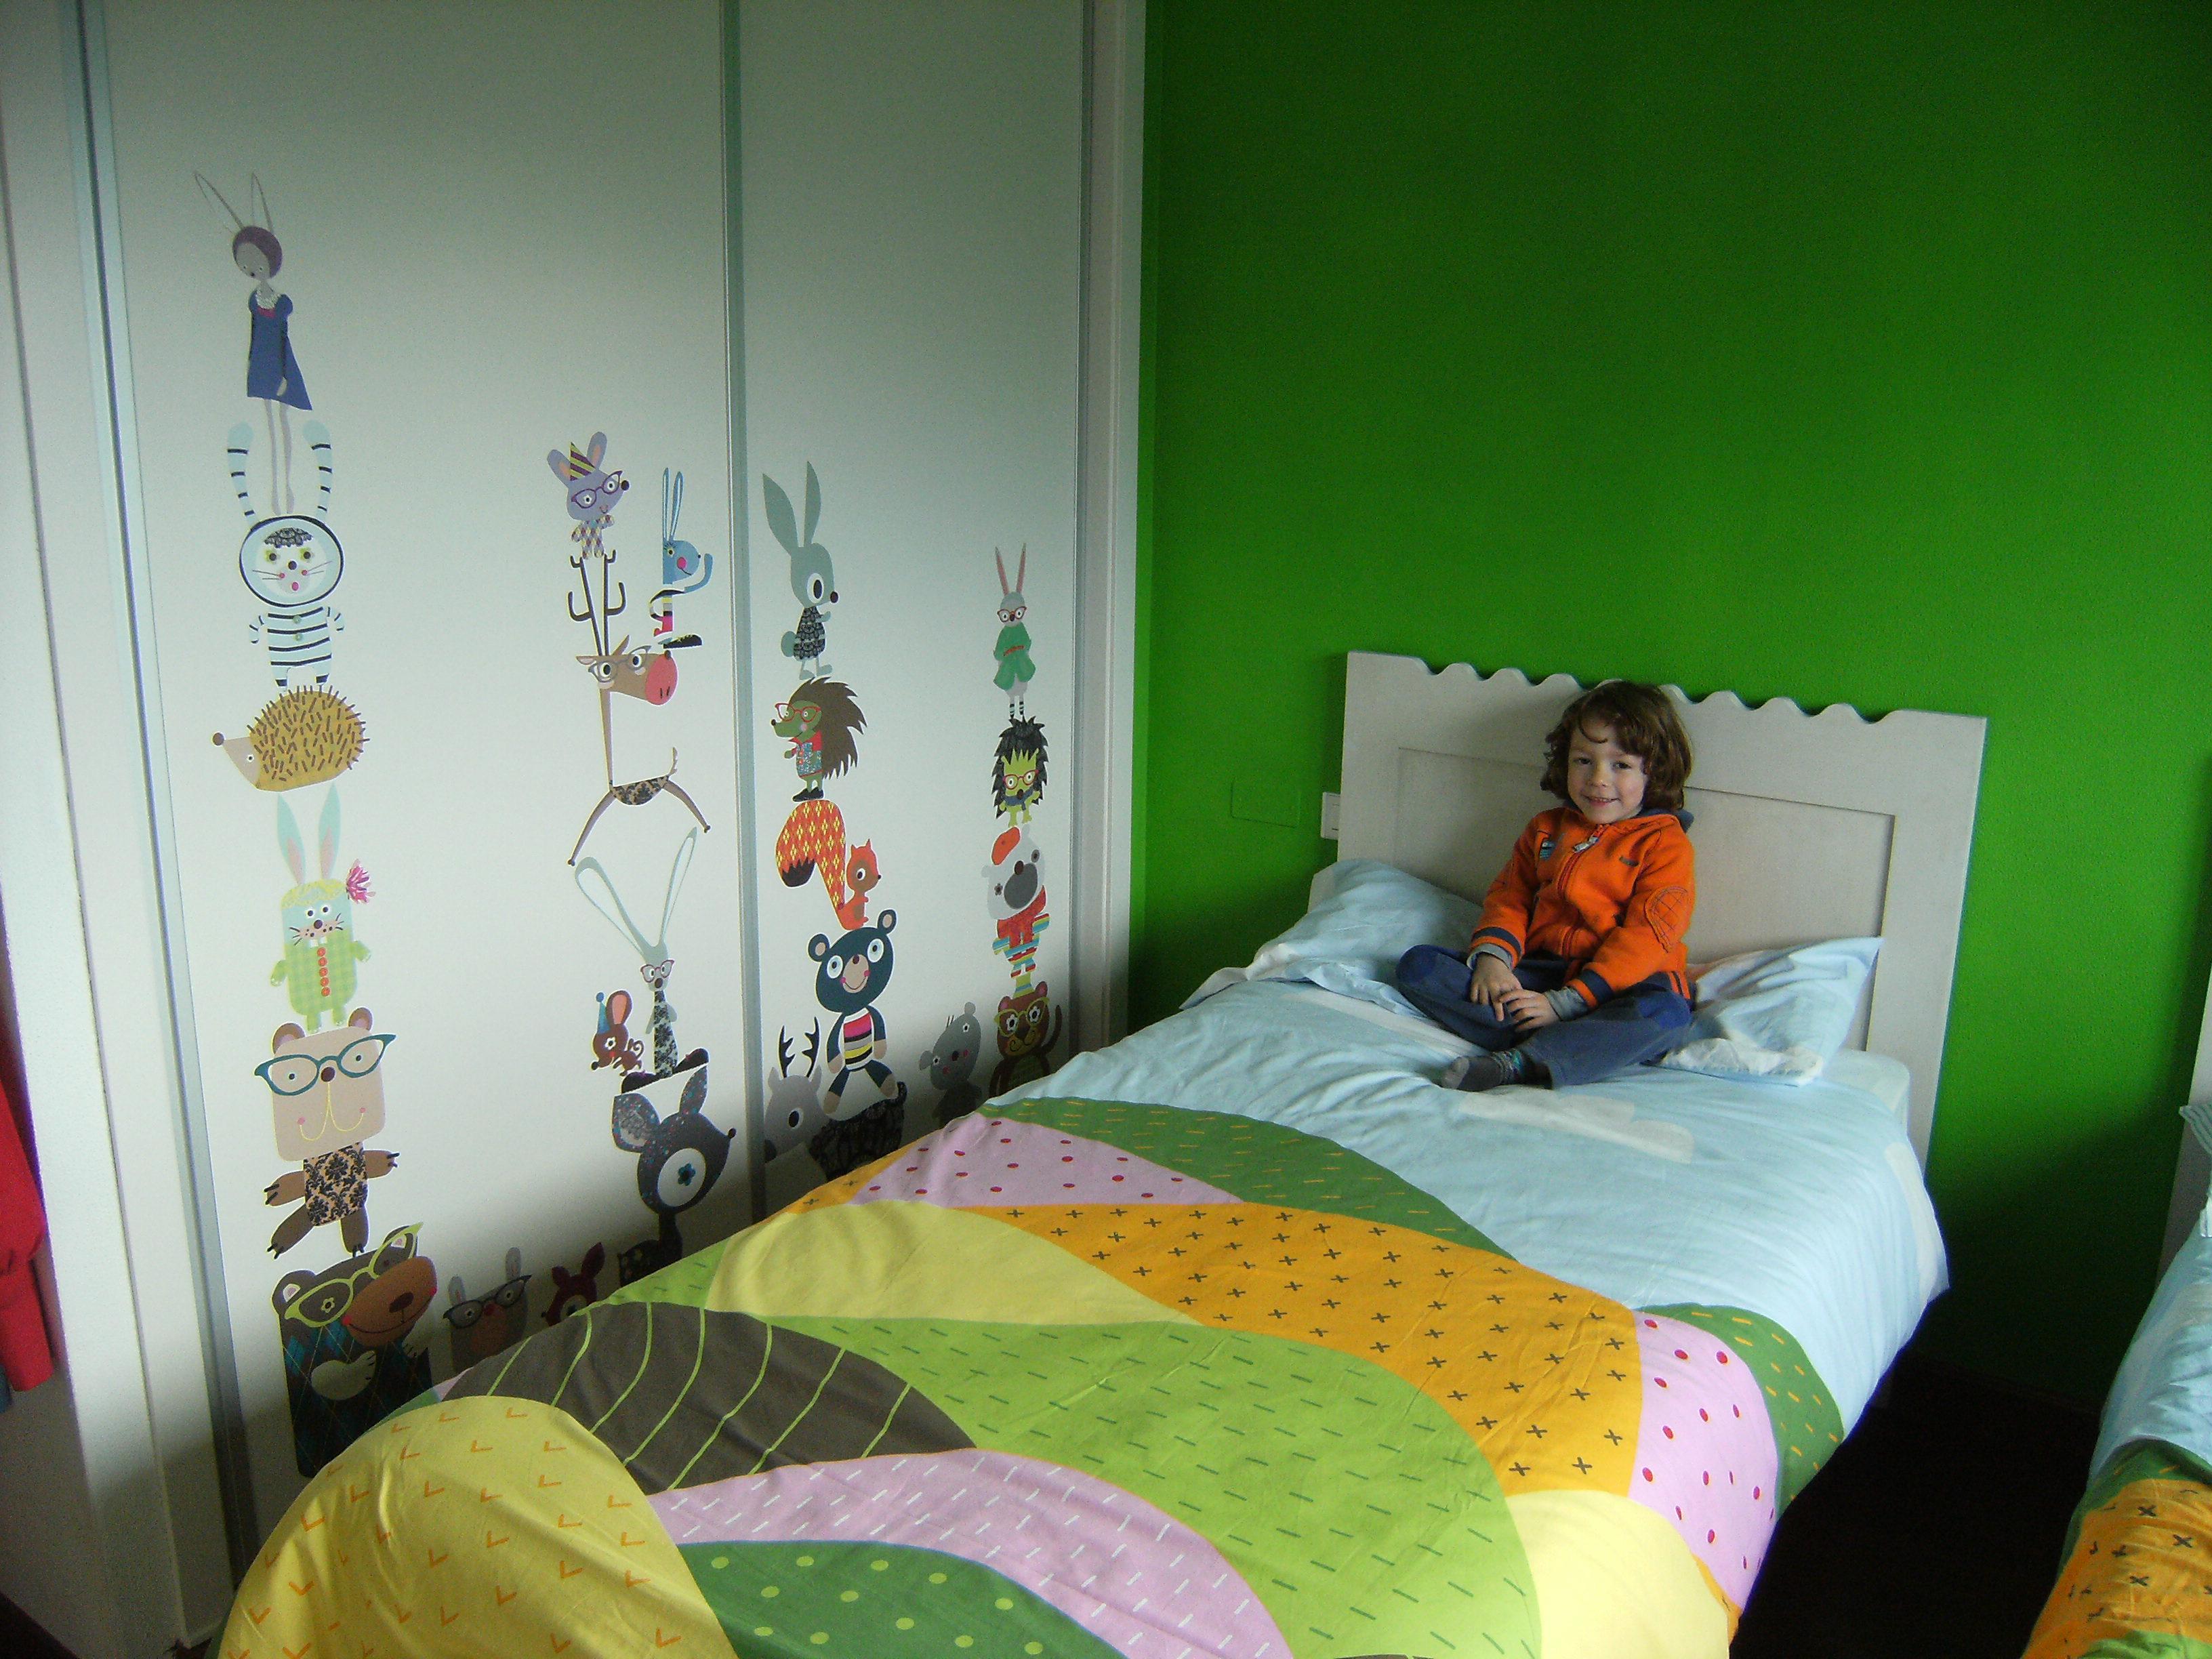 Vinilos decoracion muebles for Vinilos para armarios infantiles